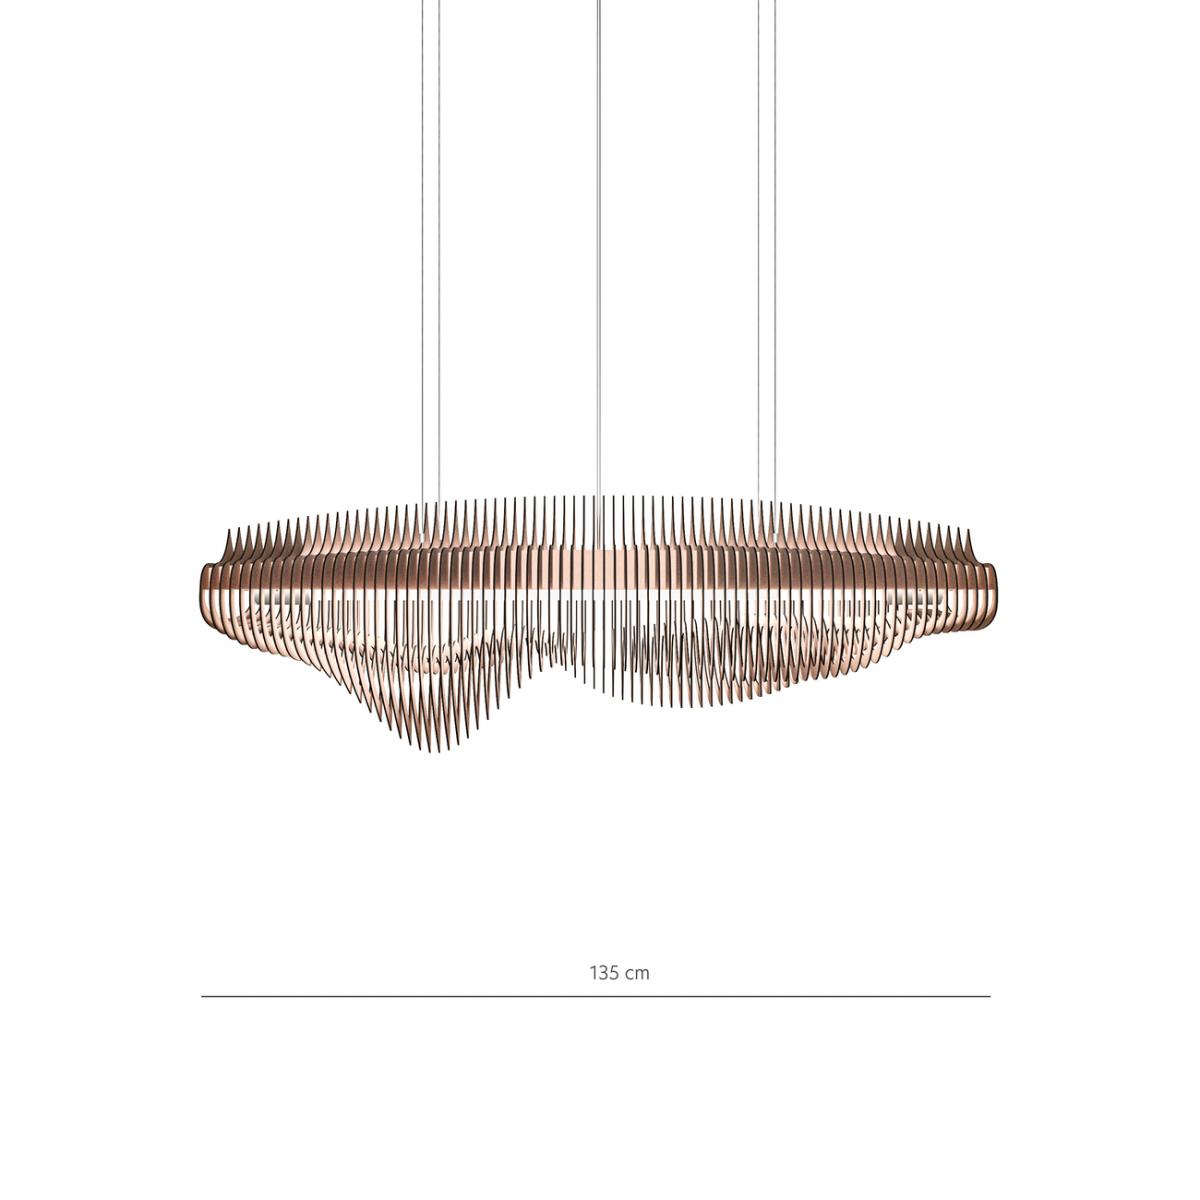 Gausta Hanglamp M 135cm Elpee Design Exclusieve Dutch Design Verlichting Gimmii